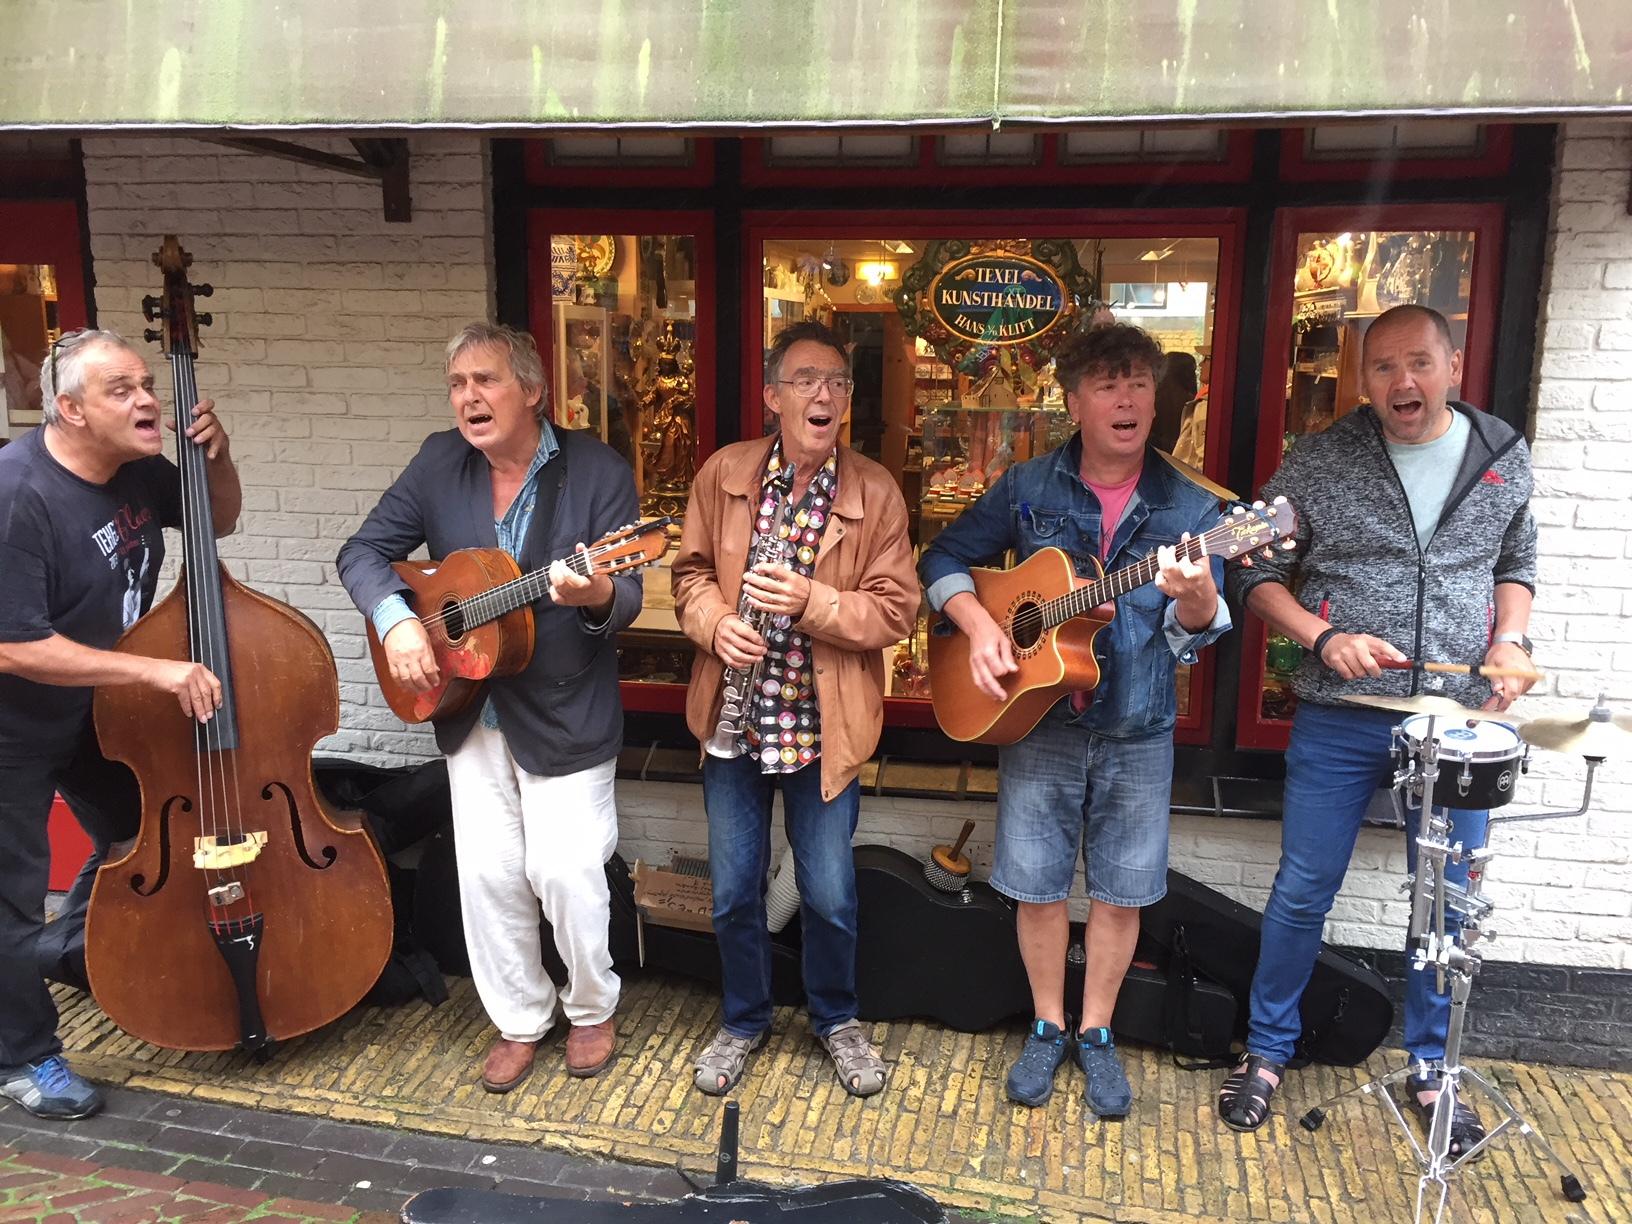 Https://theaterkerkhemels.nl/contact/